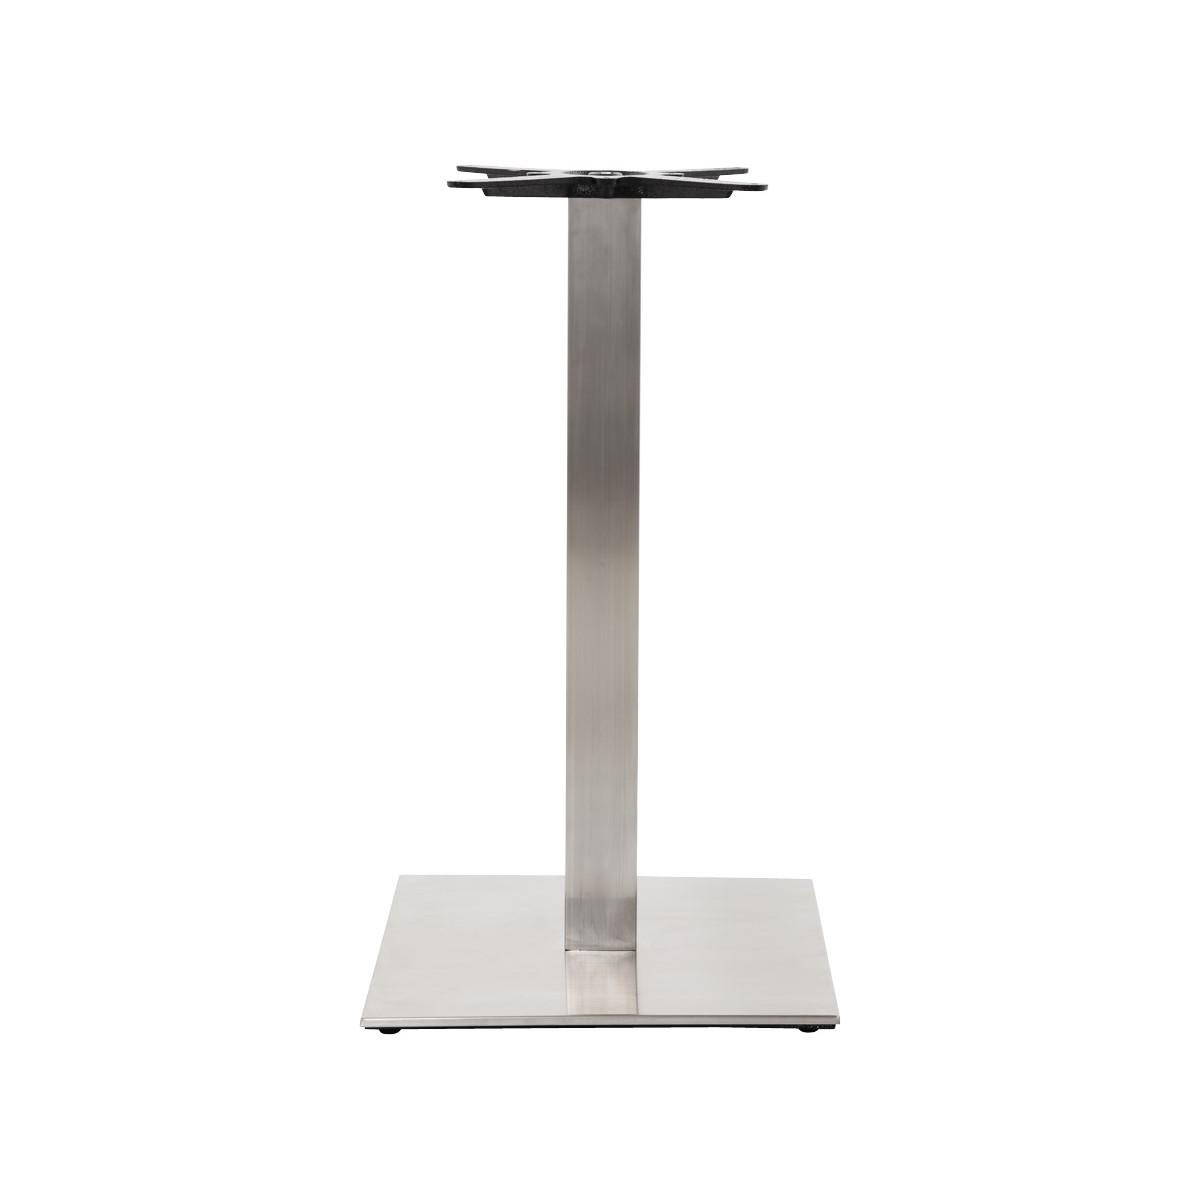 pied de table pary carr en m tal acier fran ais french. Black Bedroom Furniture Sets. Home Design Ideas